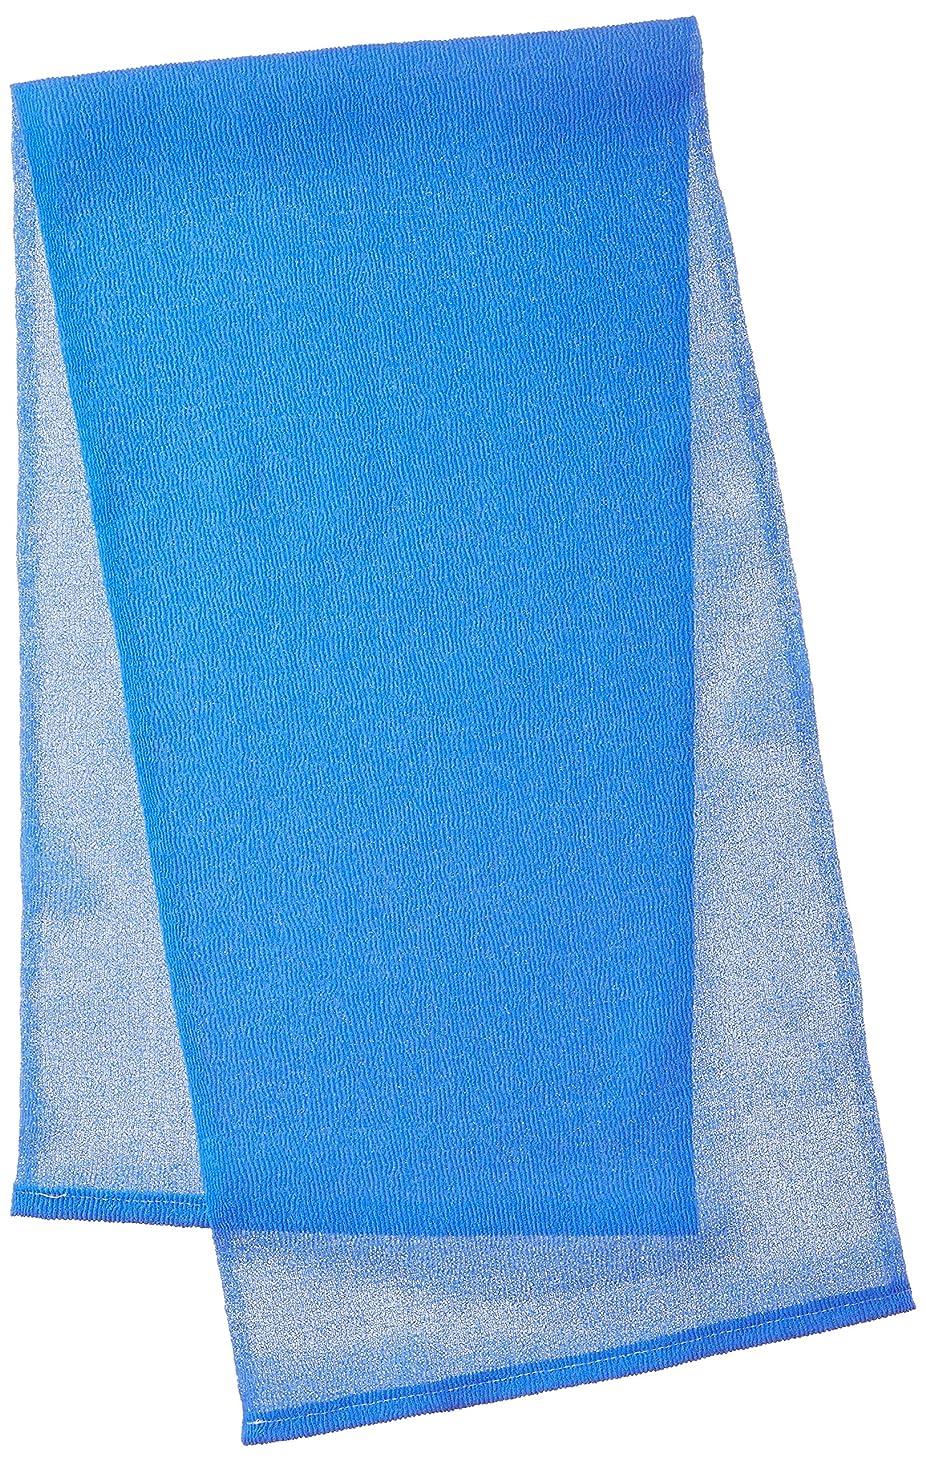 瞑想的好きビンキクロン メンズ用 グッメン オトコのボディタオル ベリーハード スプラッシュブルー